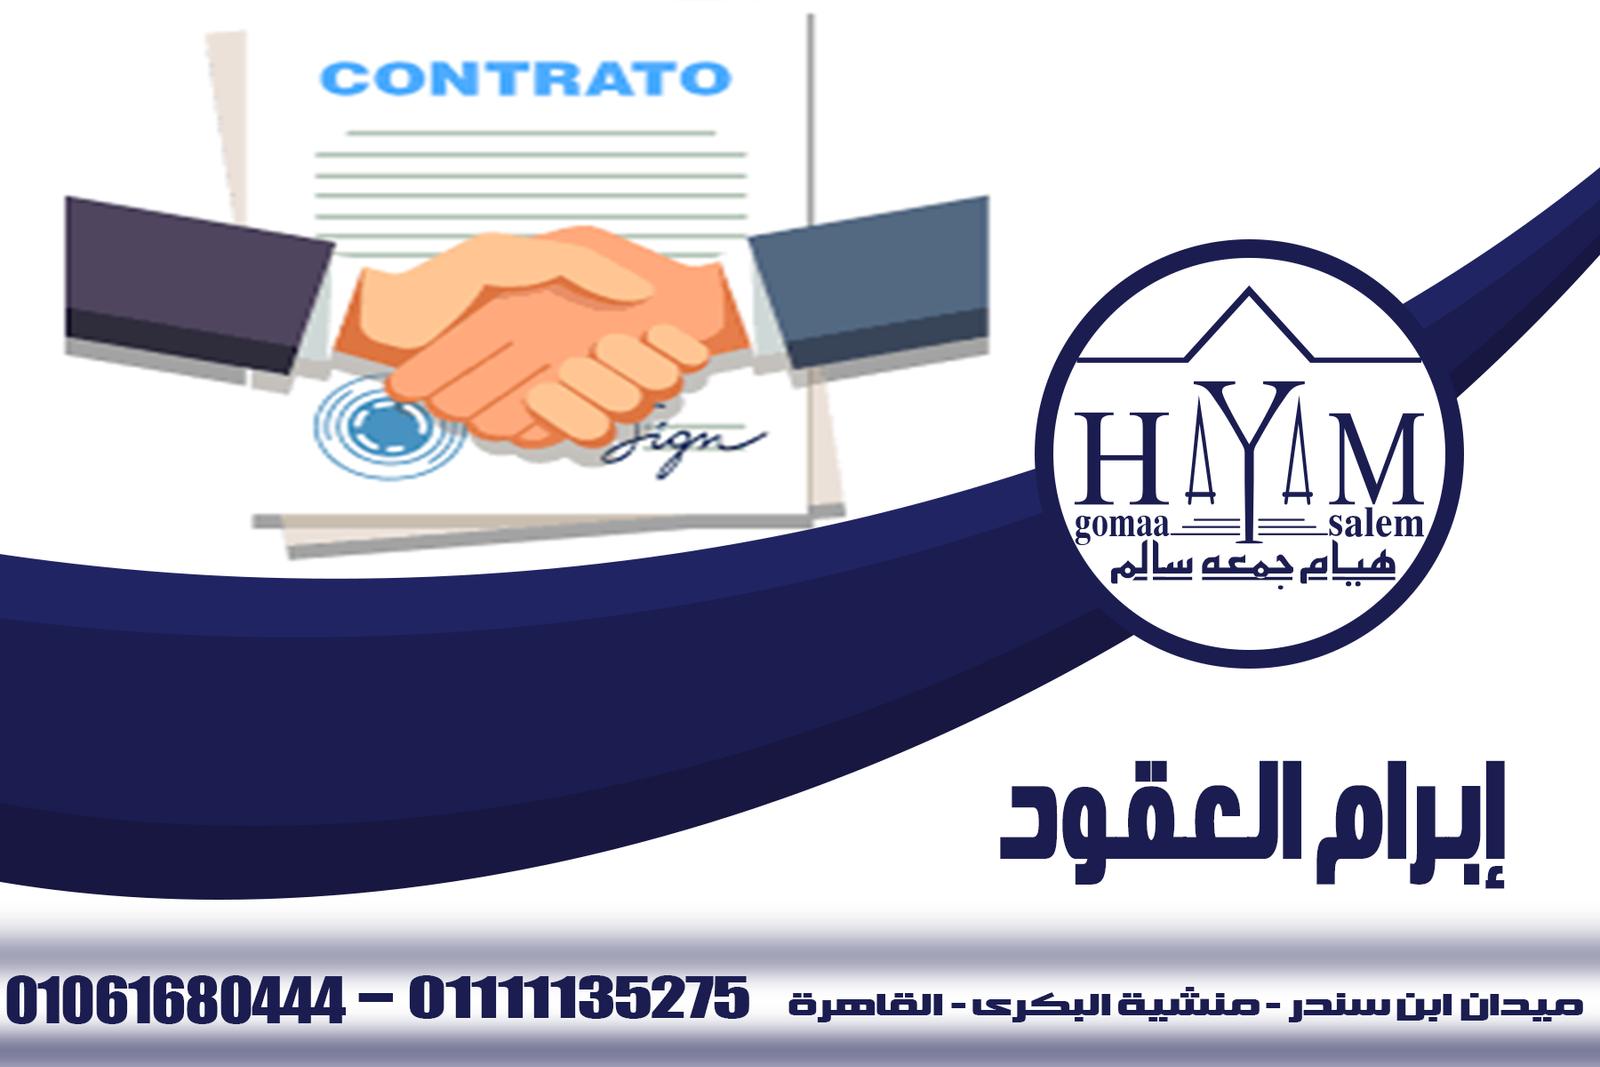 زواج الاجانب في مصر المحامية هيام جمعه سالم 01061680444 – العقود الإدارية